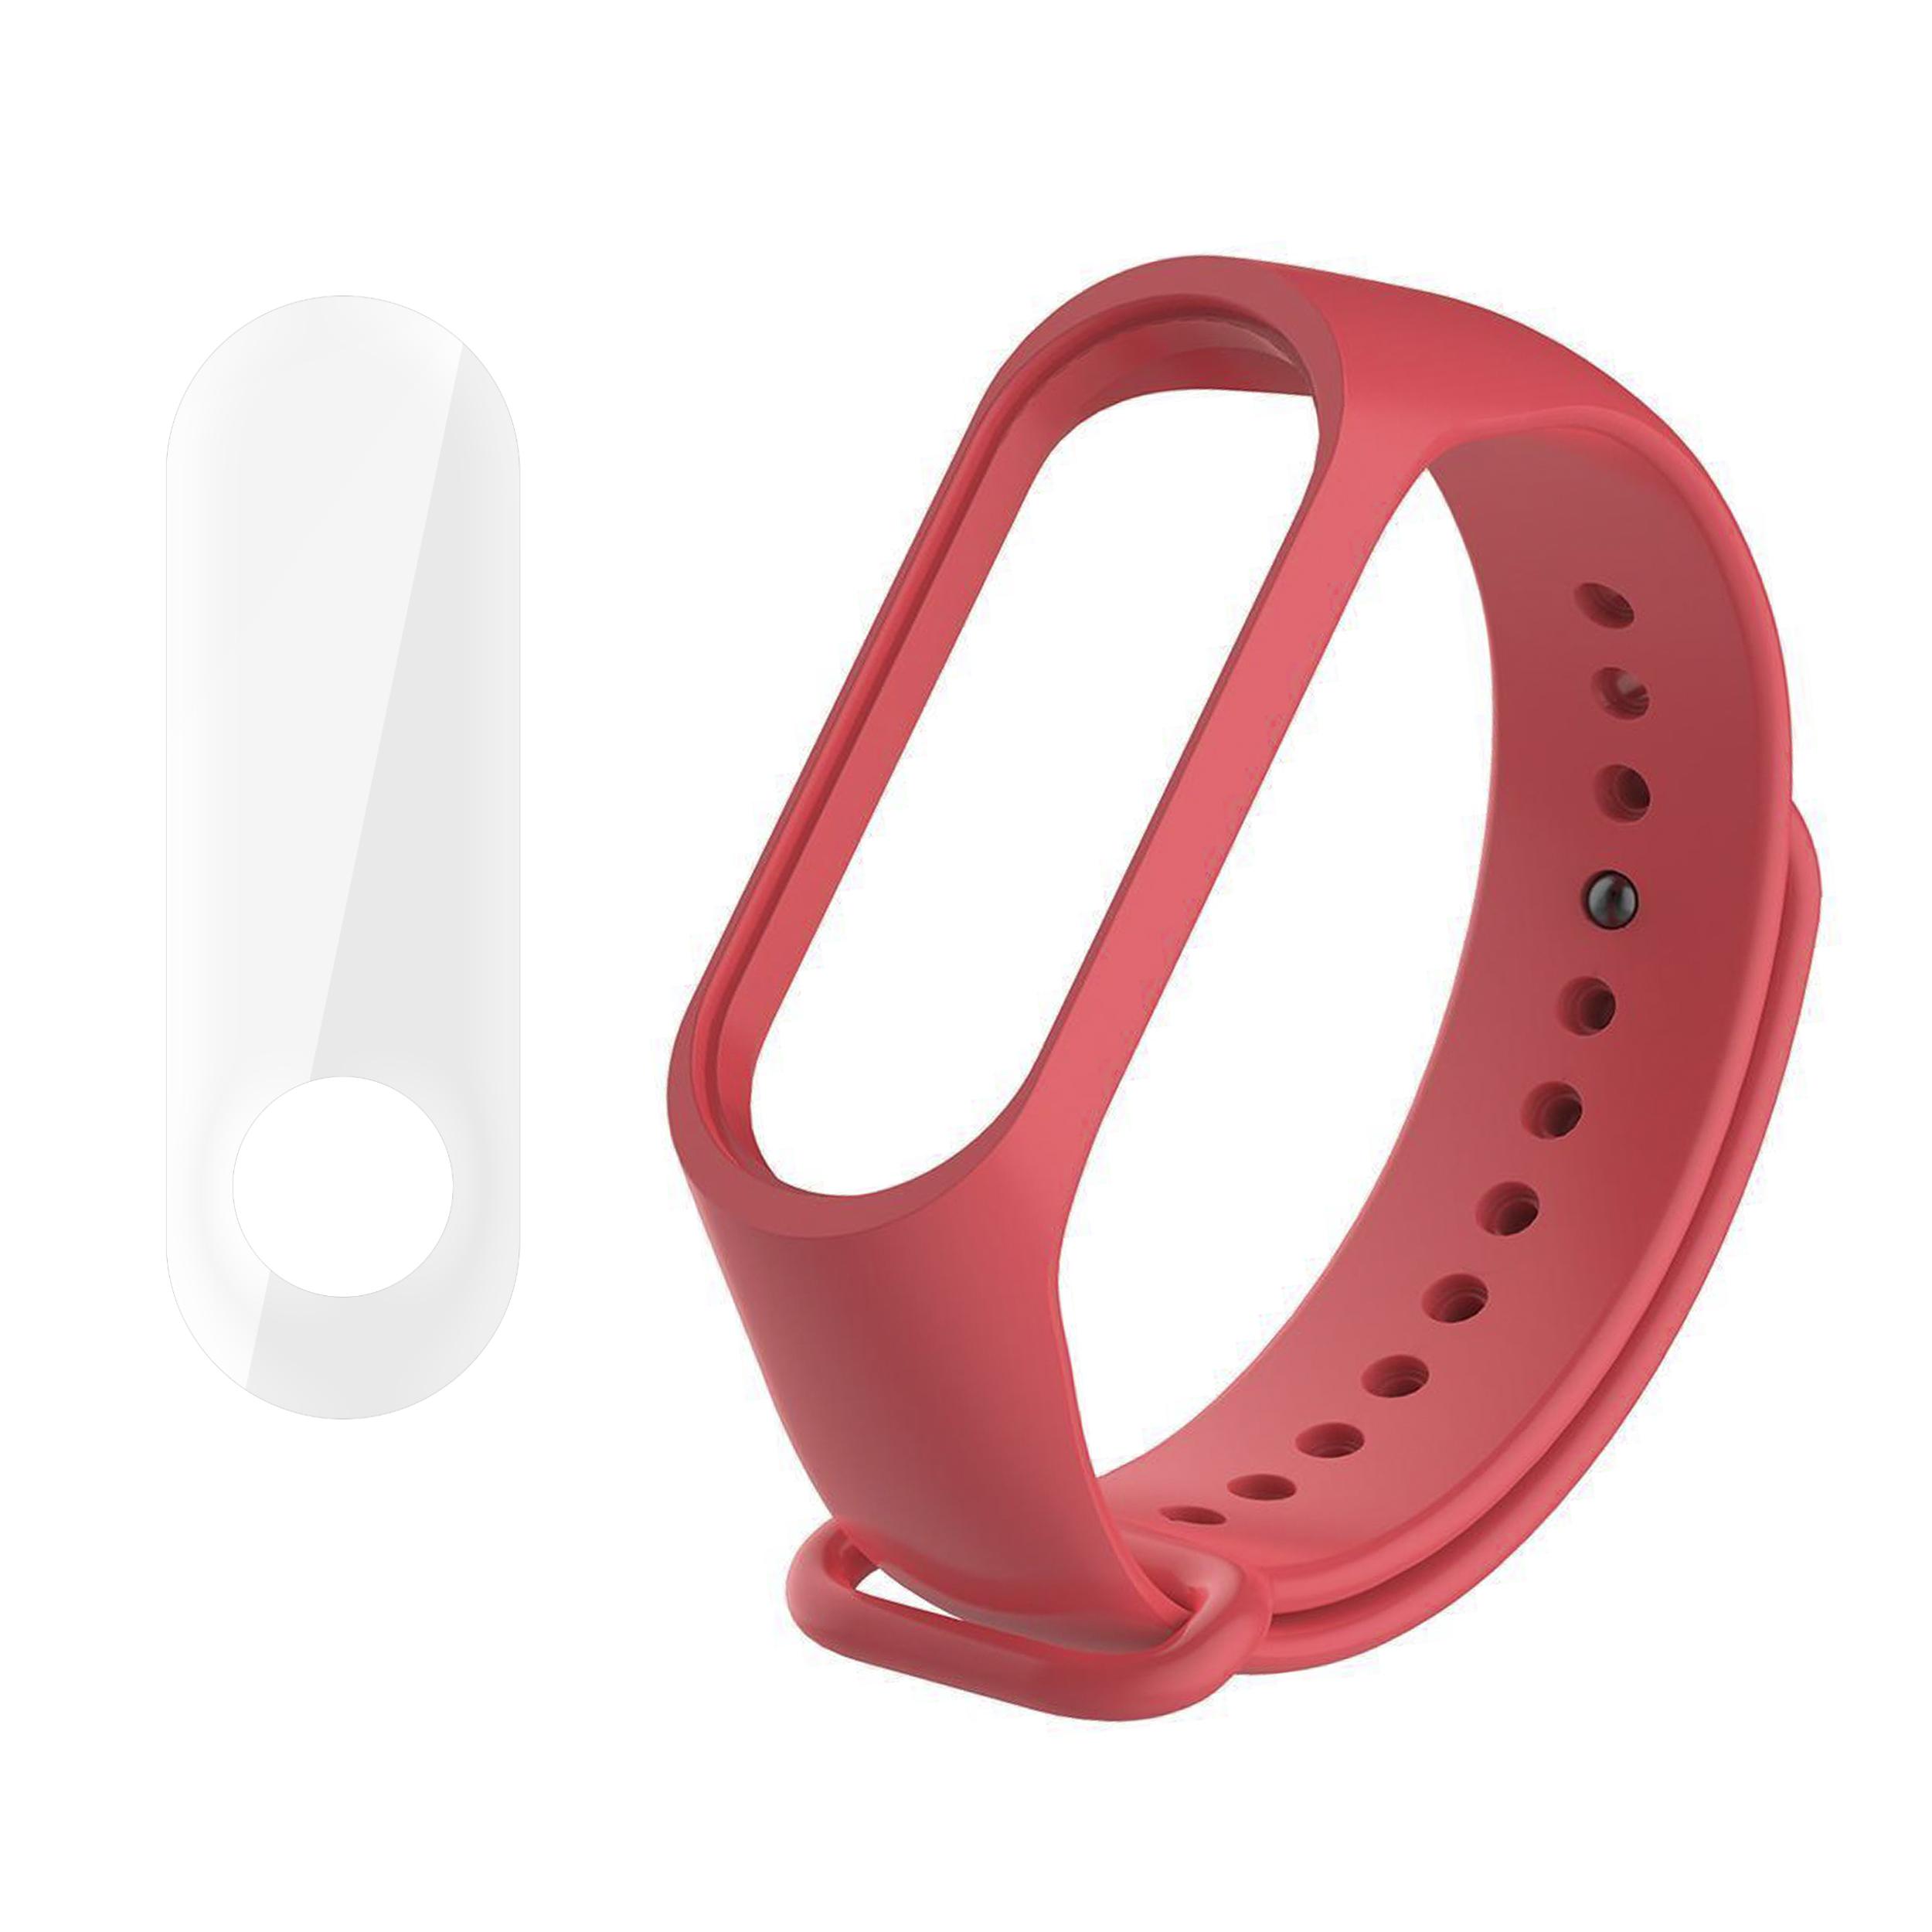 بند سومگ مدل SMG-K2 مناسب برای مچ بند هوشمند شیائومی Mi Band 3 به همراه محافظ صفحه نمایش